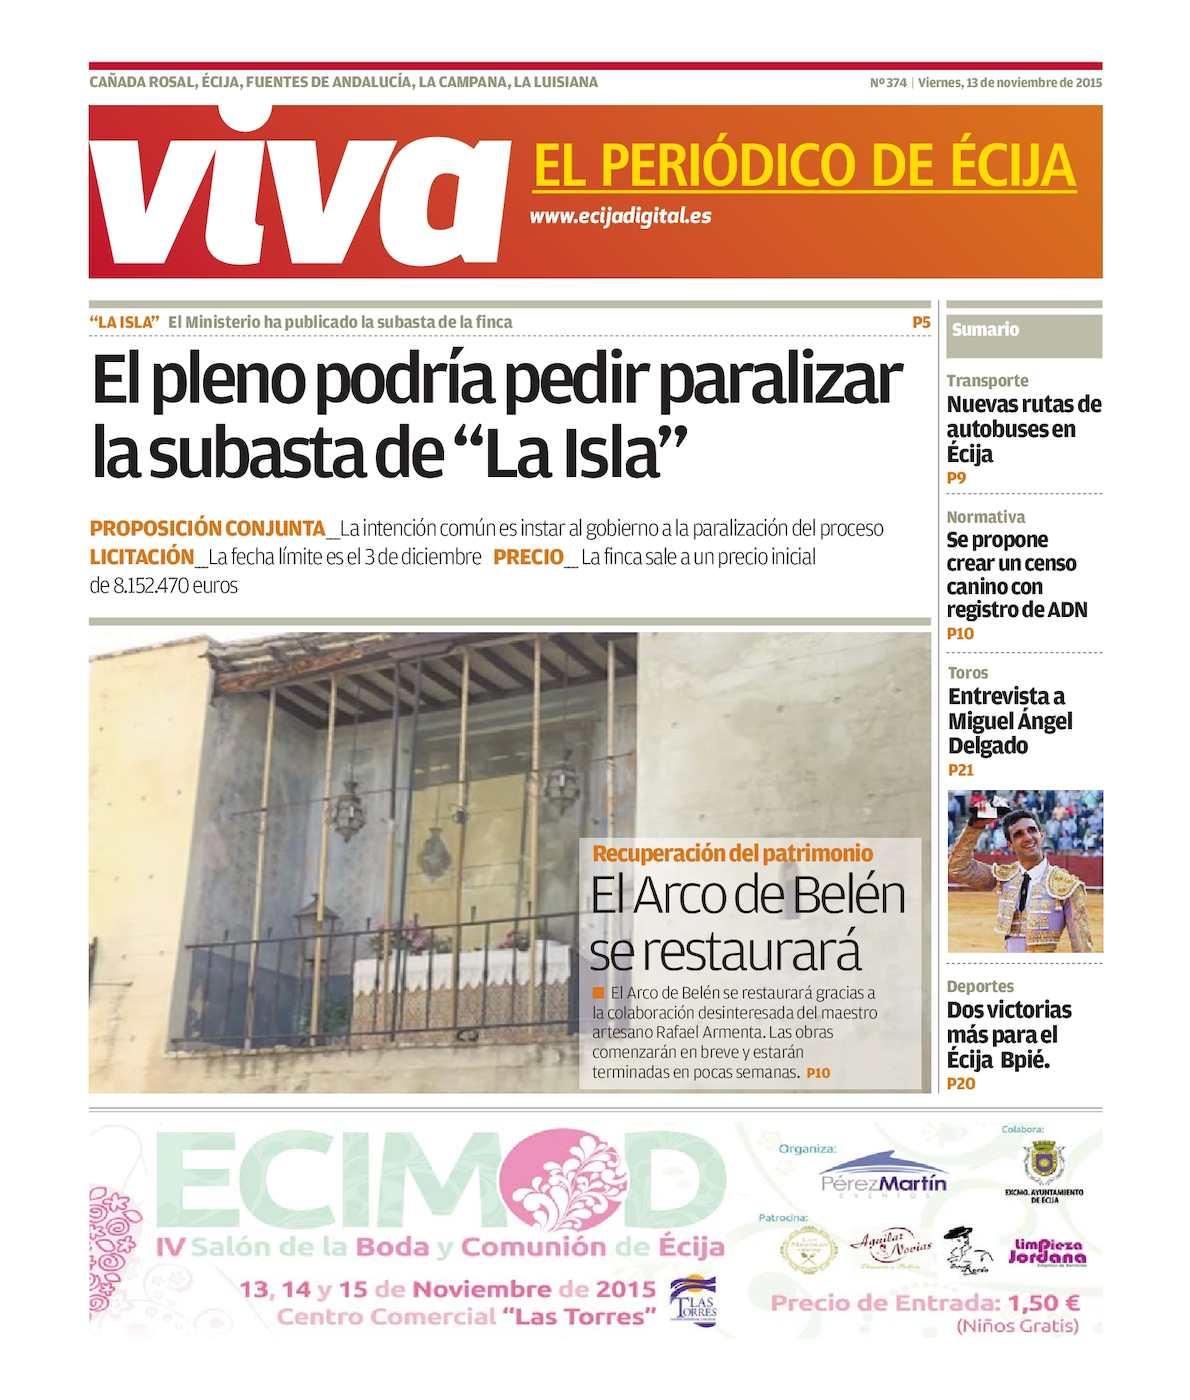 Calaméo - Viva El Periódico De ÉCija Noviembre